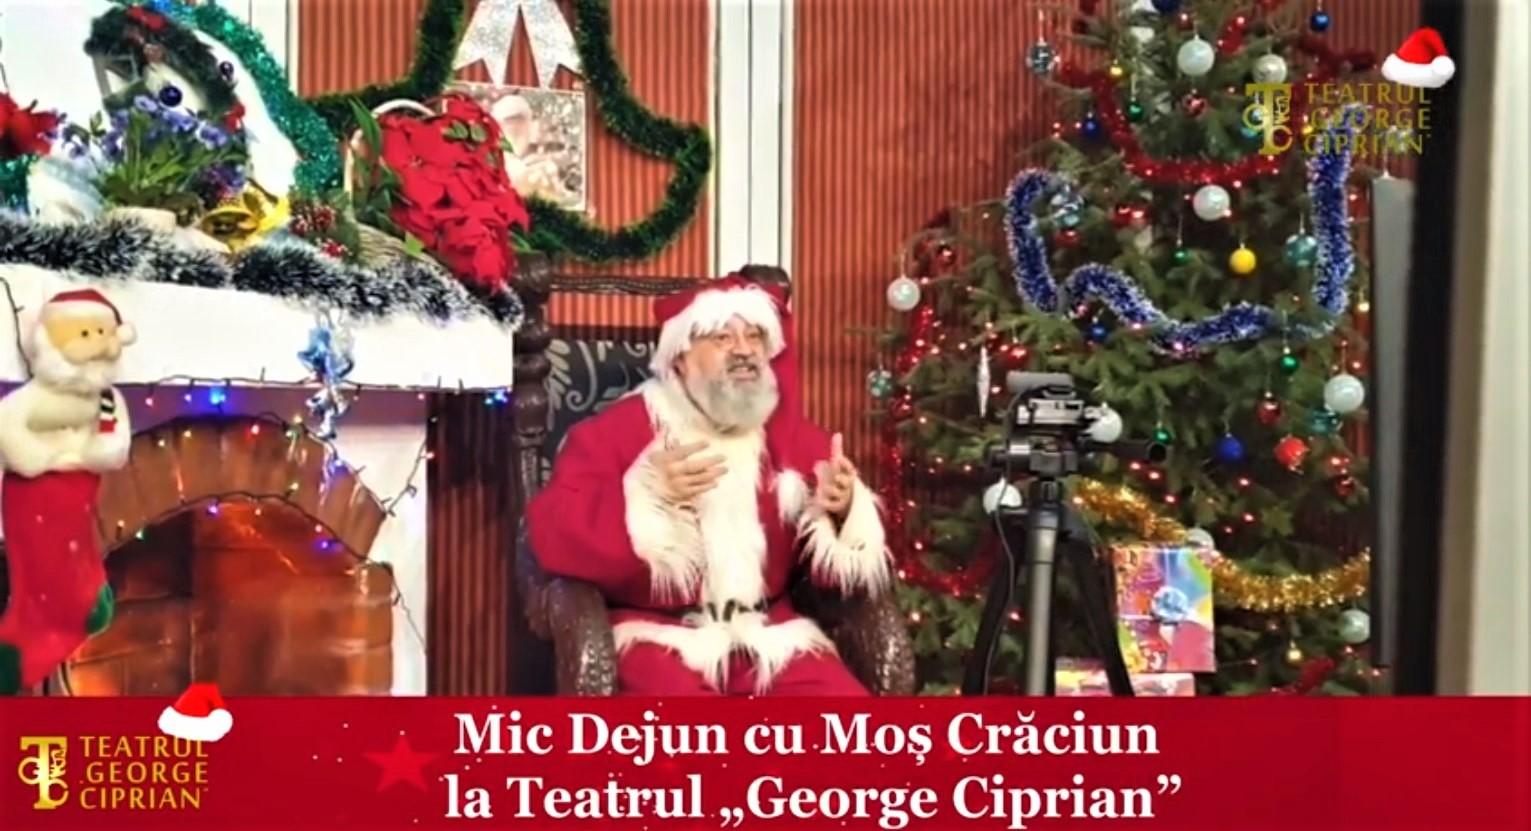 Mos Craciun 2